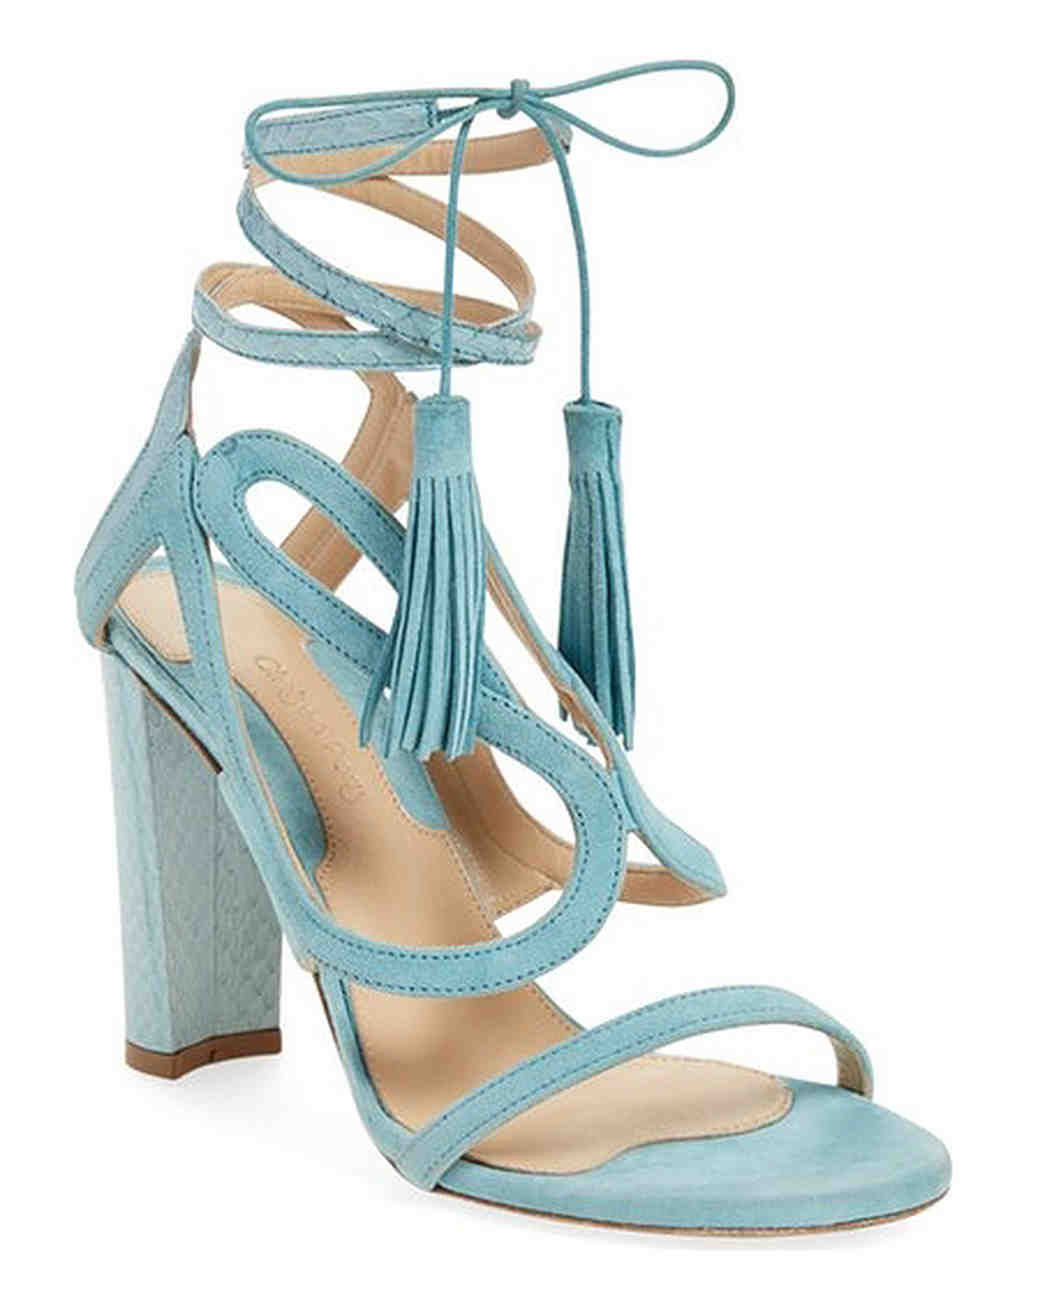 Chelsea Paris Turquoise Tassel Sandals